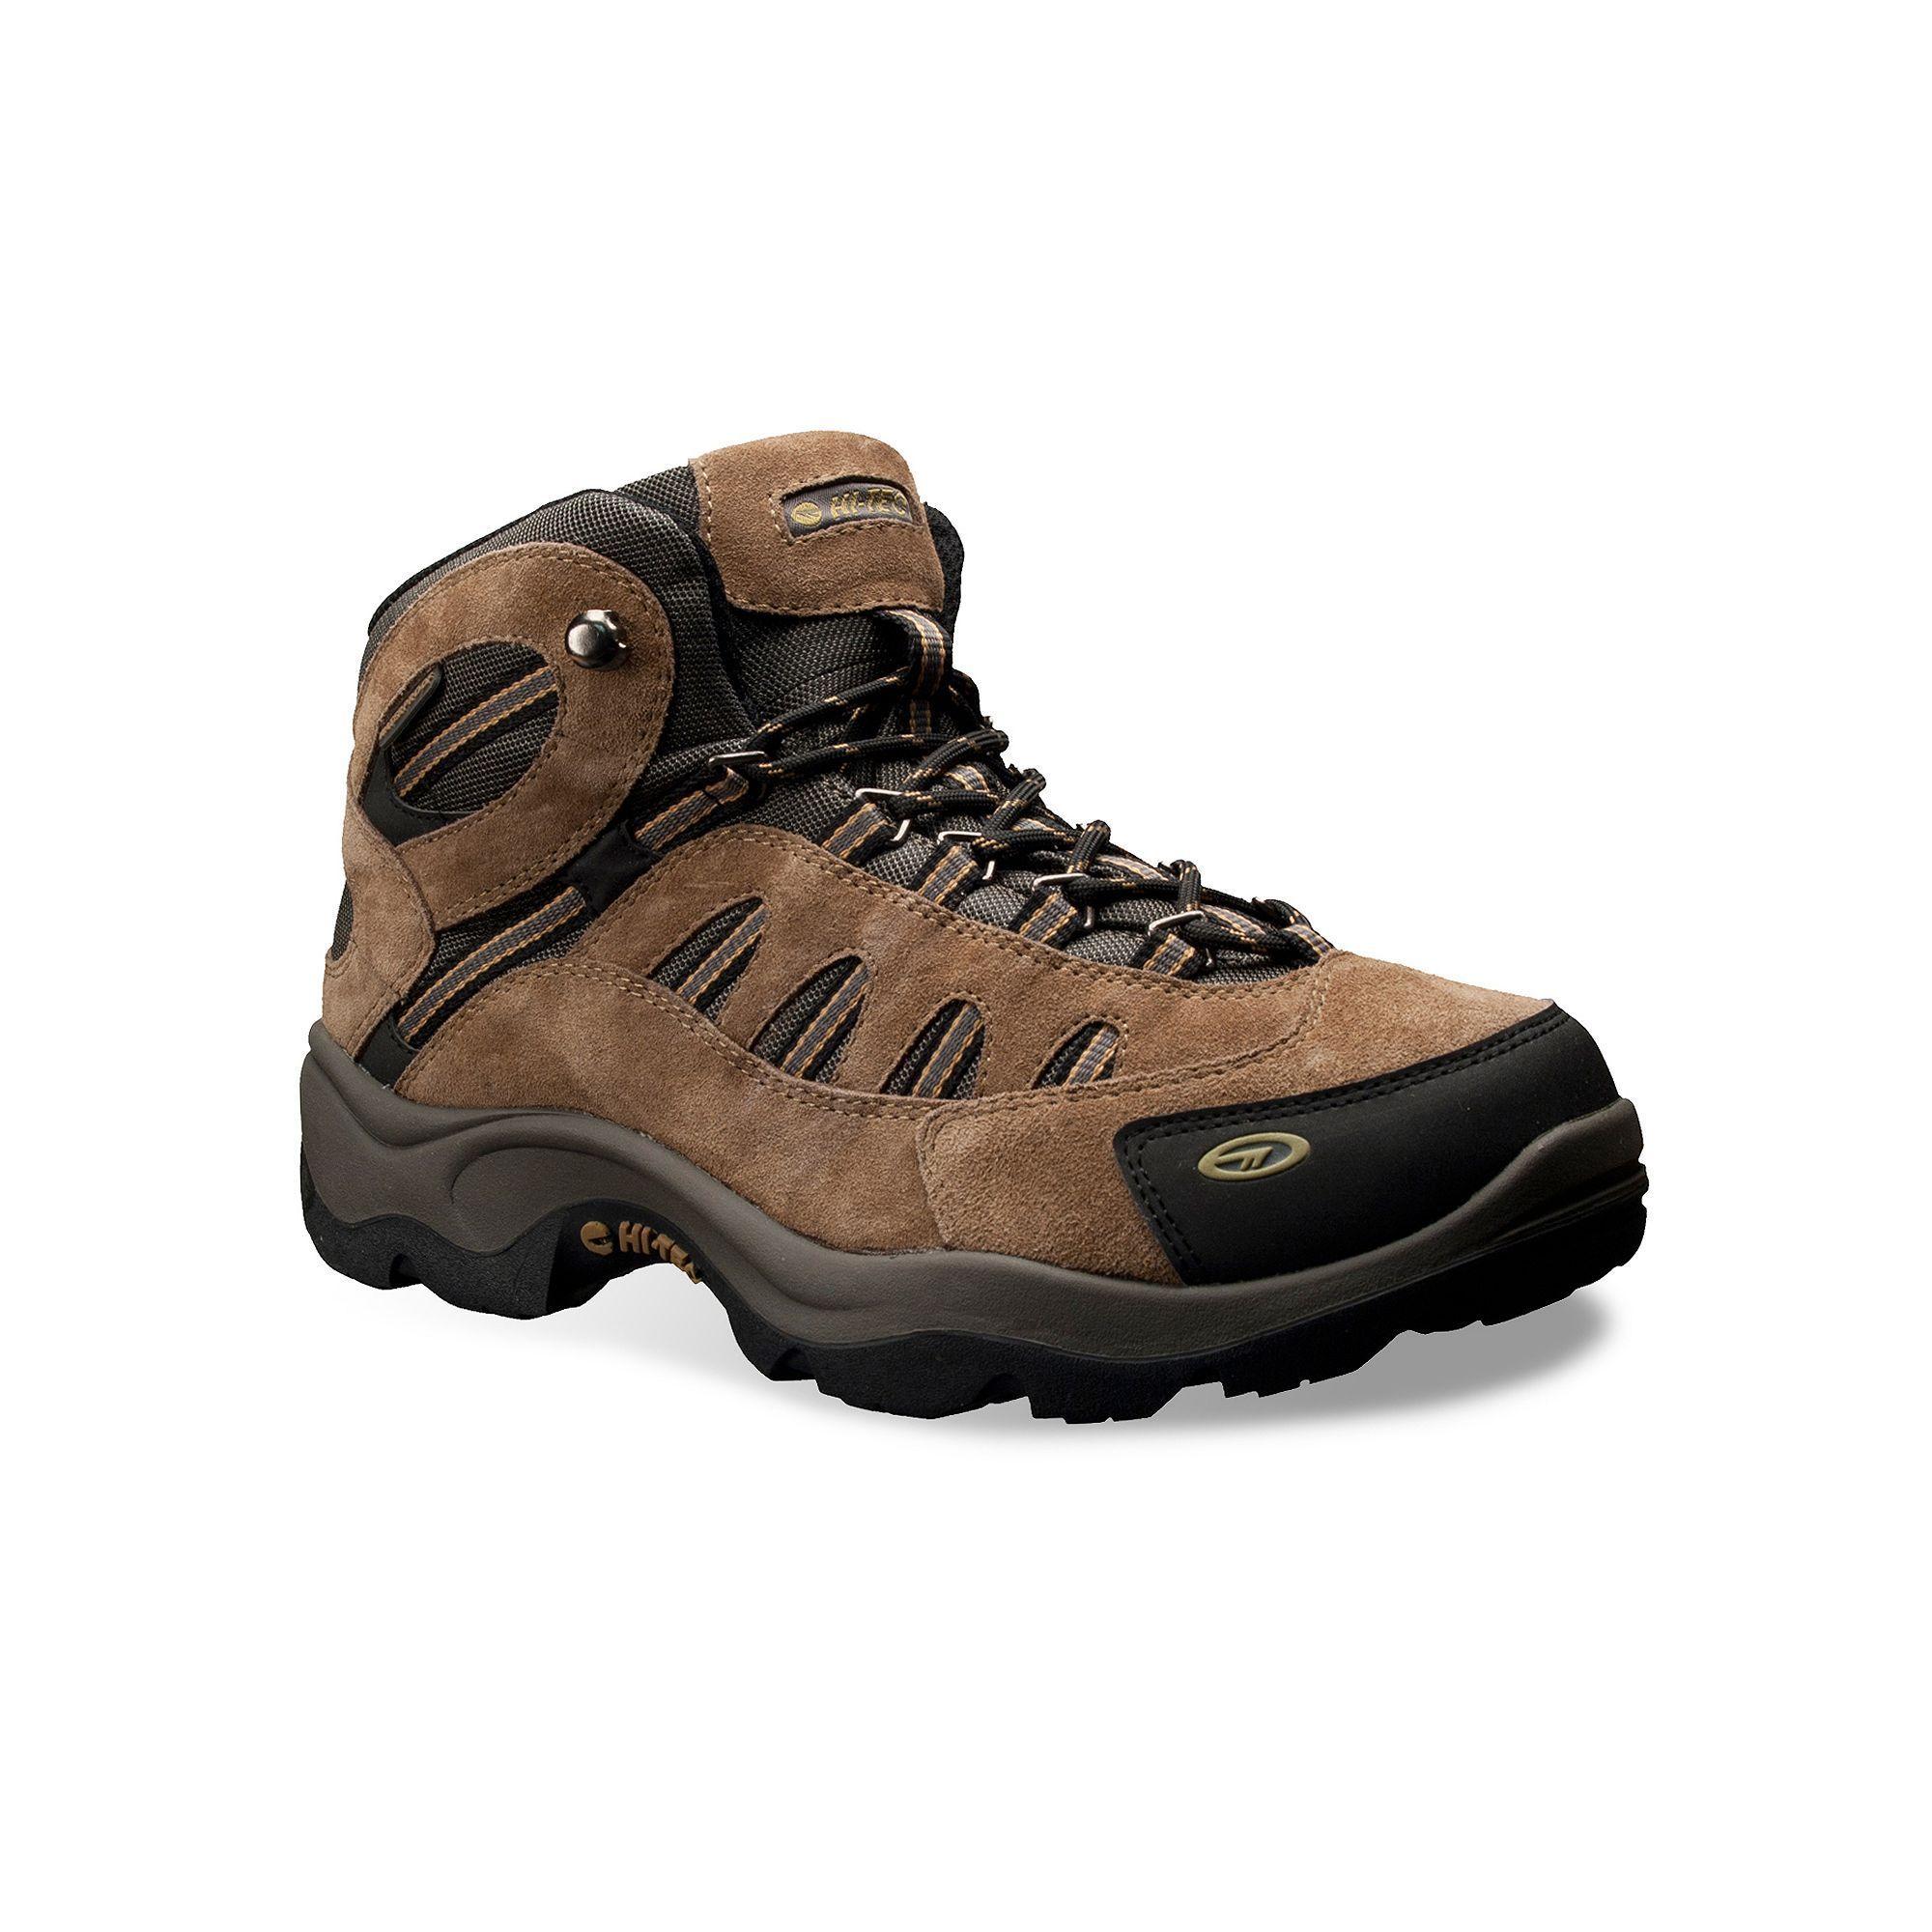 Hi-Tec Bandera Men's Mid-Top Waterproof Hiking Boots, Size: 12 ...